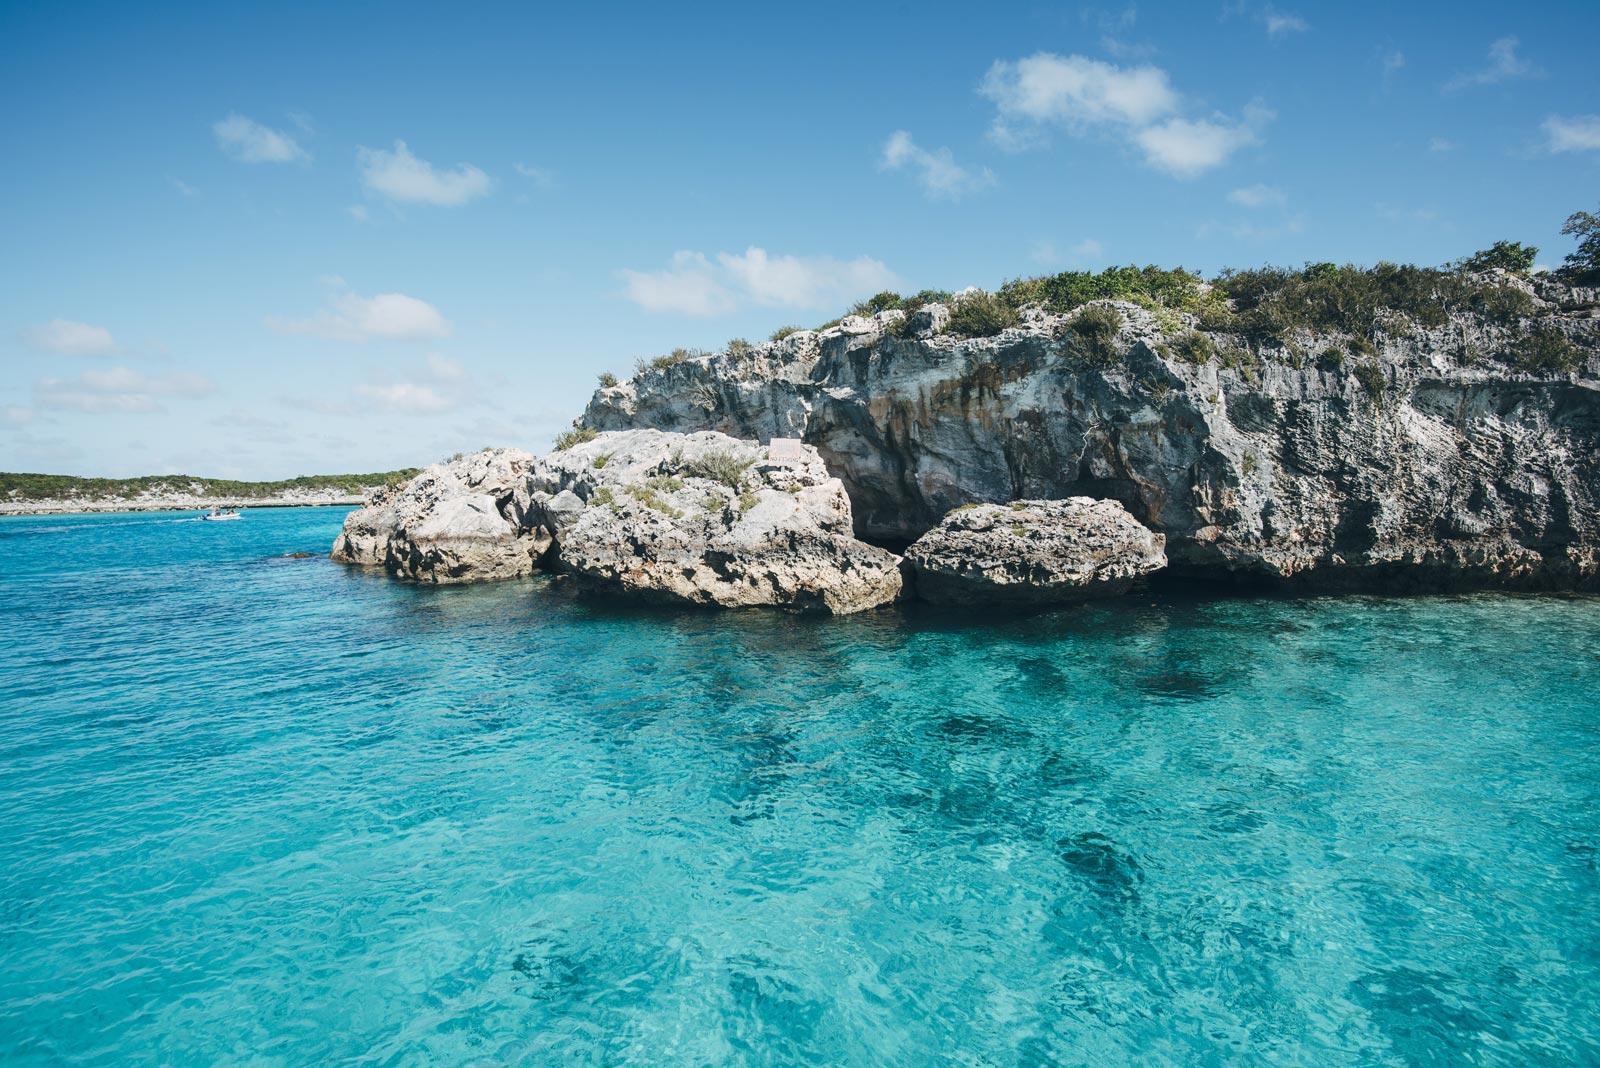 Thunderball grotto, Bahamas